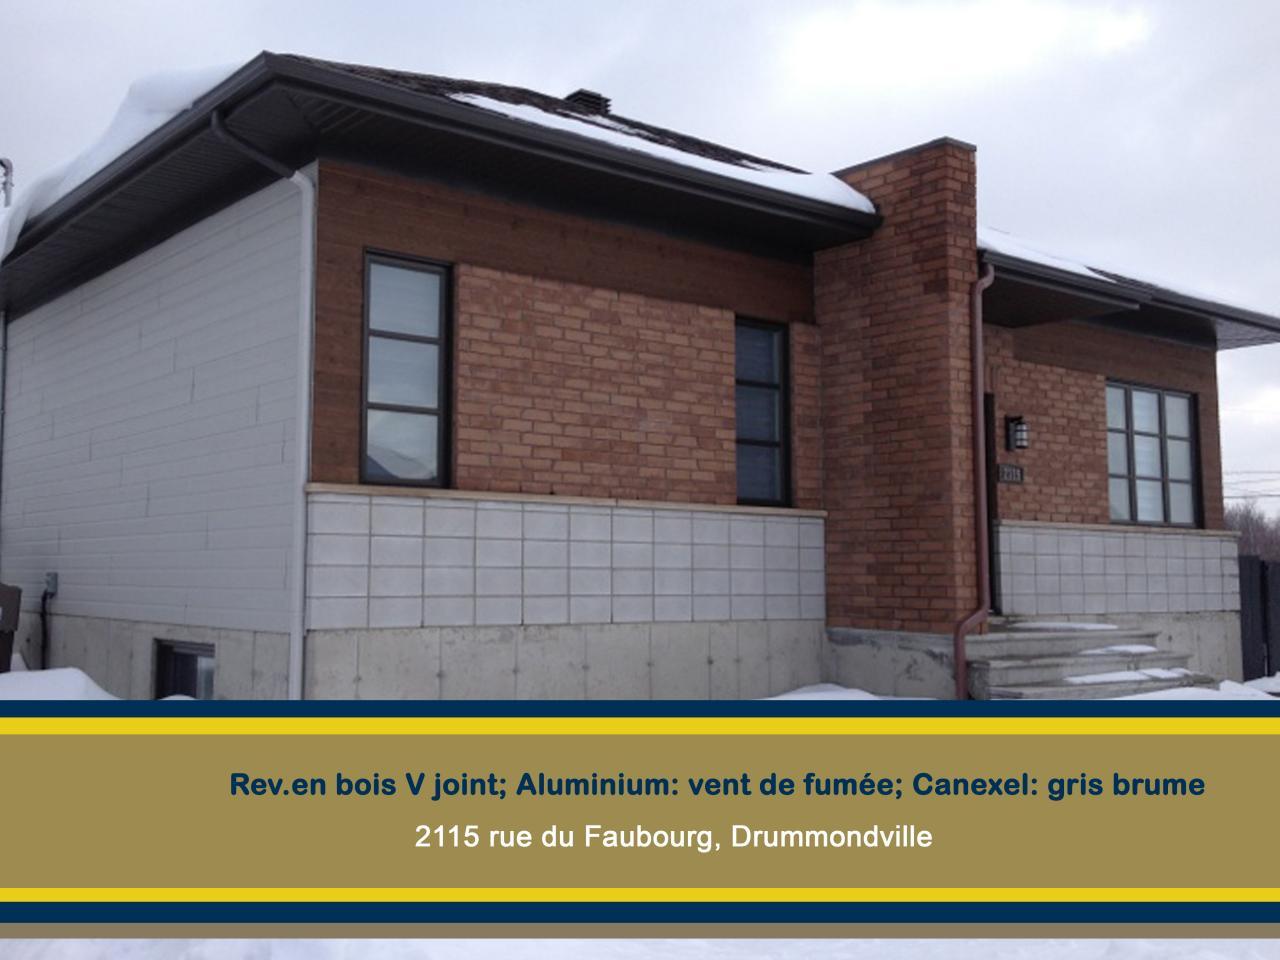 2115 rue du Faubourg Drummondville